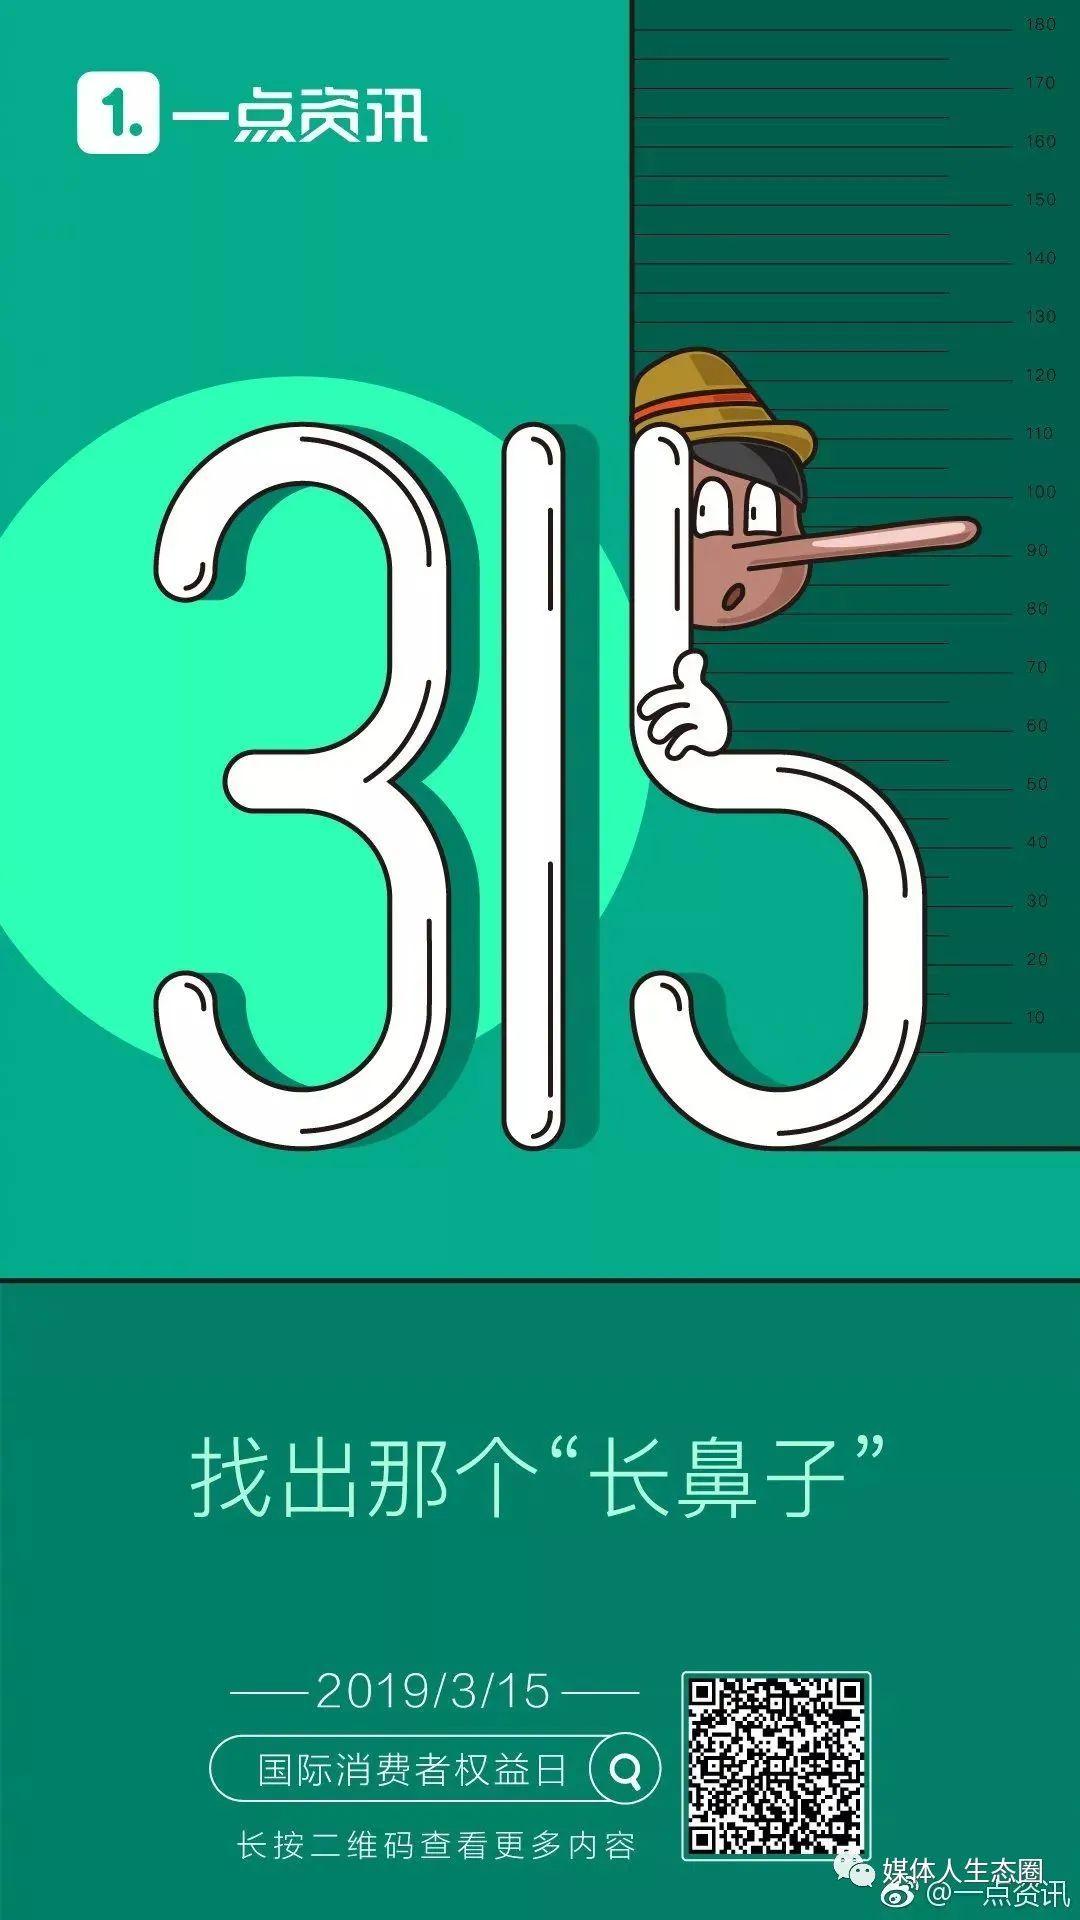 315消费者权益日,各品牌借势海报精选文案欣赏: 让消费者放心!插图14